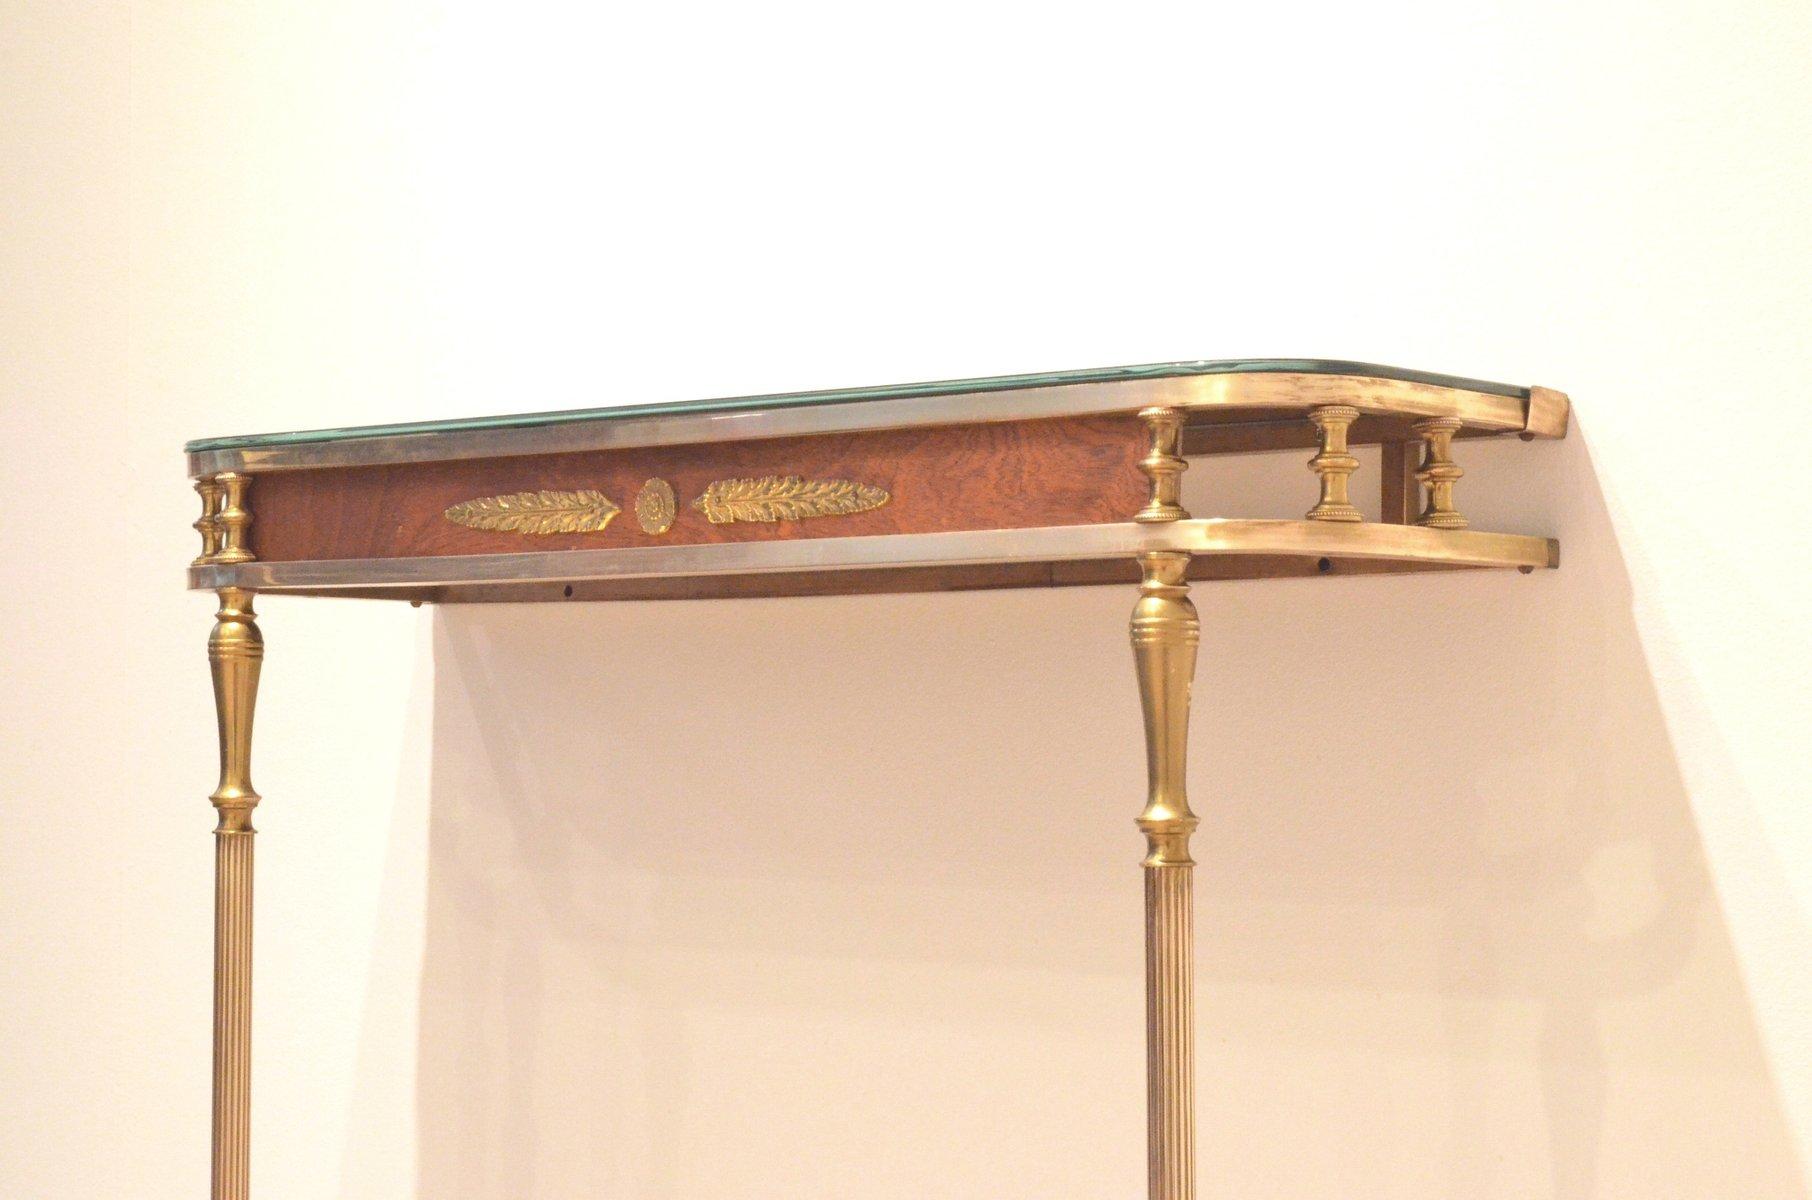 console d 39 entr e mid century n oclassique en laiton et en acajou en vente sur pamono. Black Bedroom Furniture Sets. Home Design Ideas